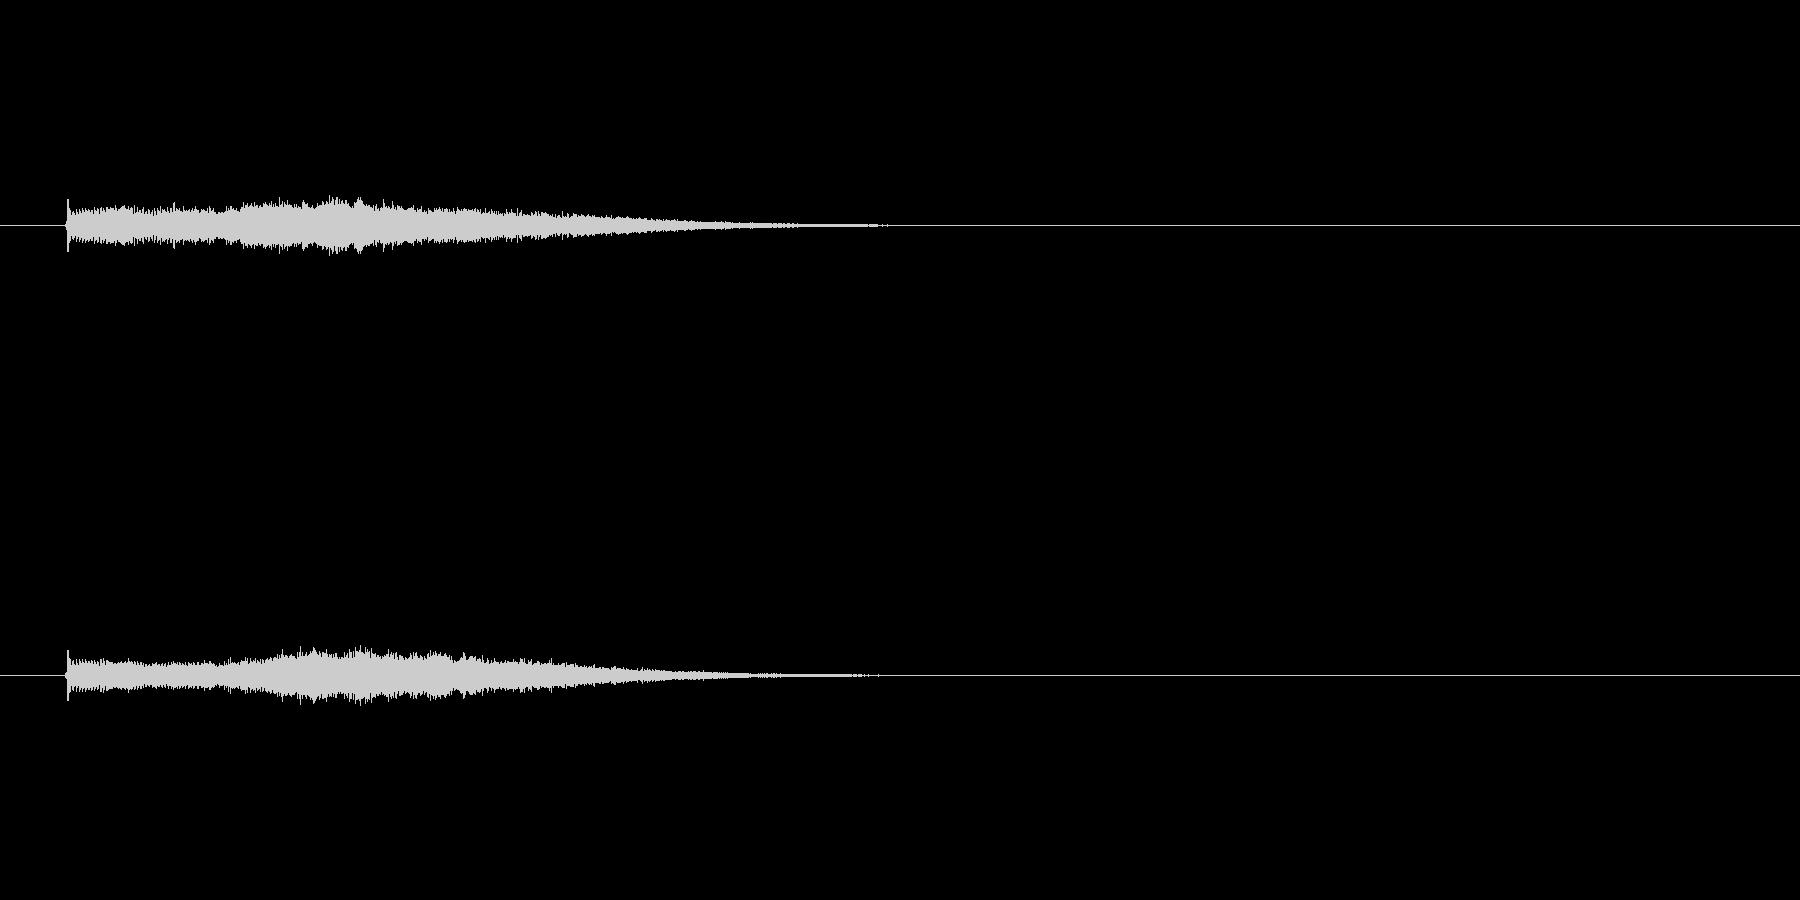 ジングル(場面転換風)の未再生の波形